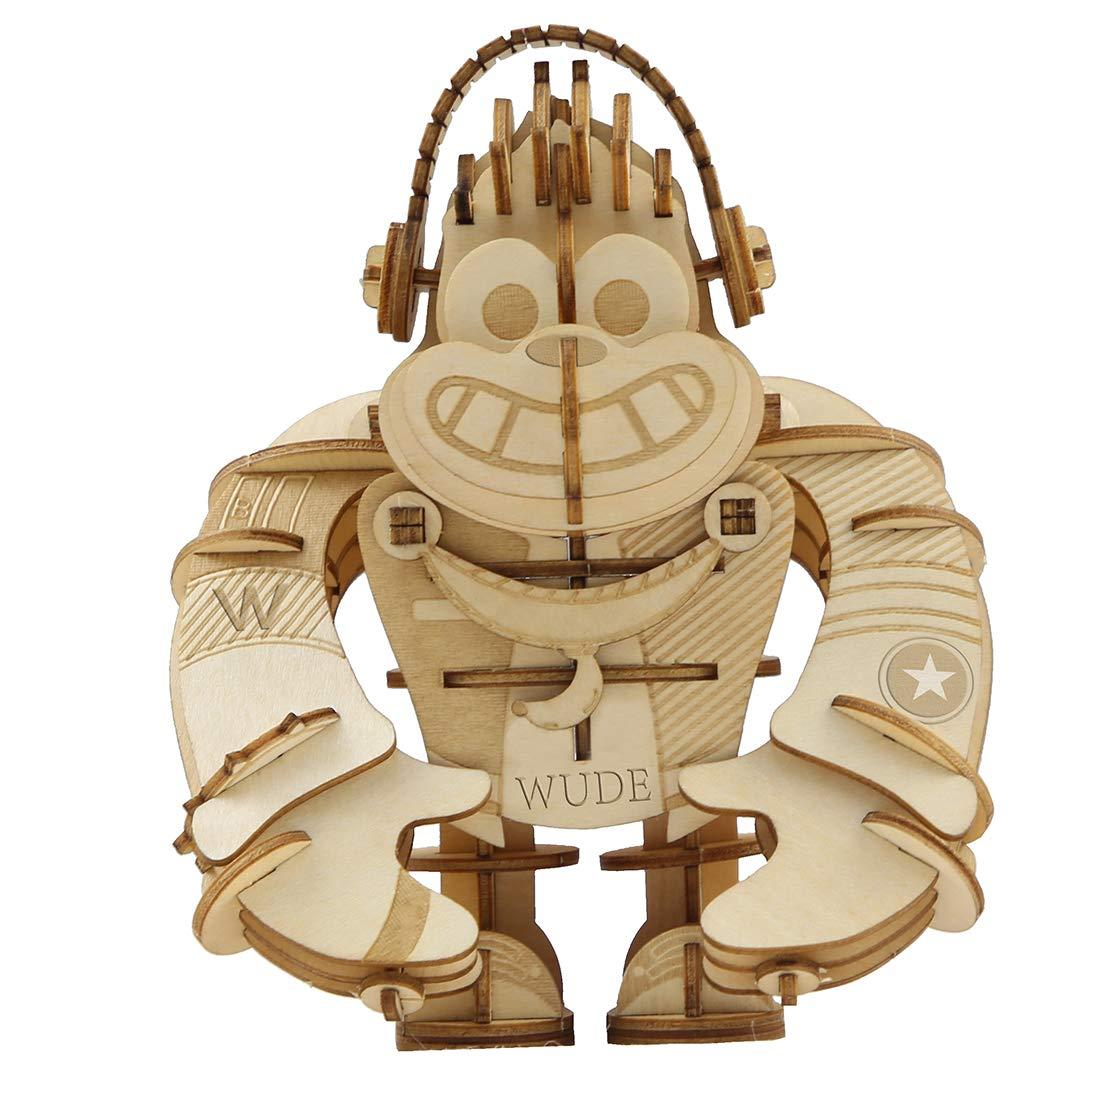 創造的な家の装飾3d木製パズルモデルの装飾品子供 Diyアセンブリギフト